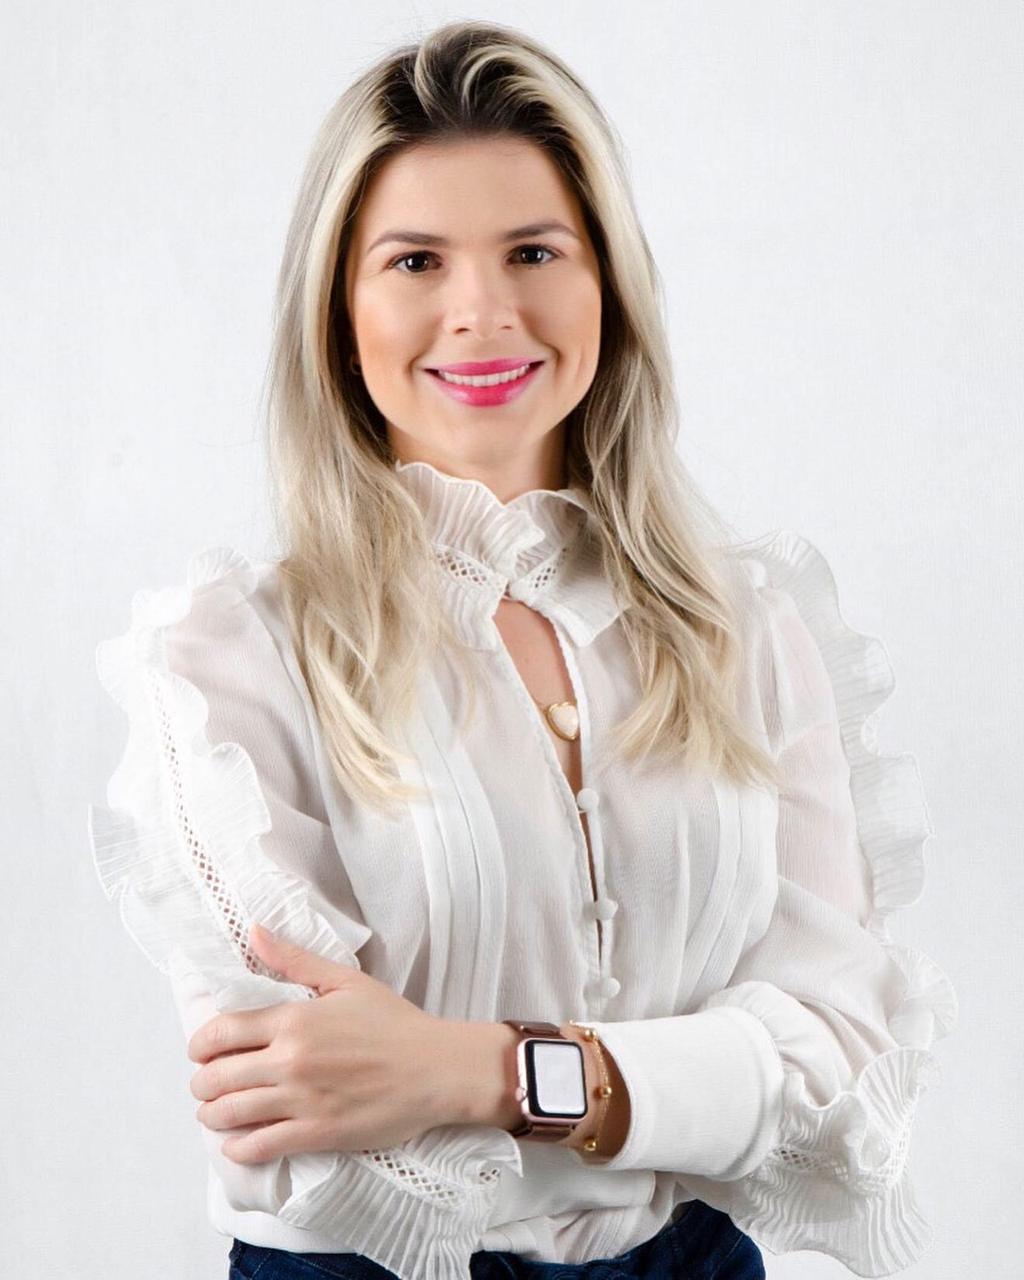 Daniela-dantas Jovem Daniela Dantas (Lelinha) lança pré-candidatura a vereadora em São José dos Cordeiros